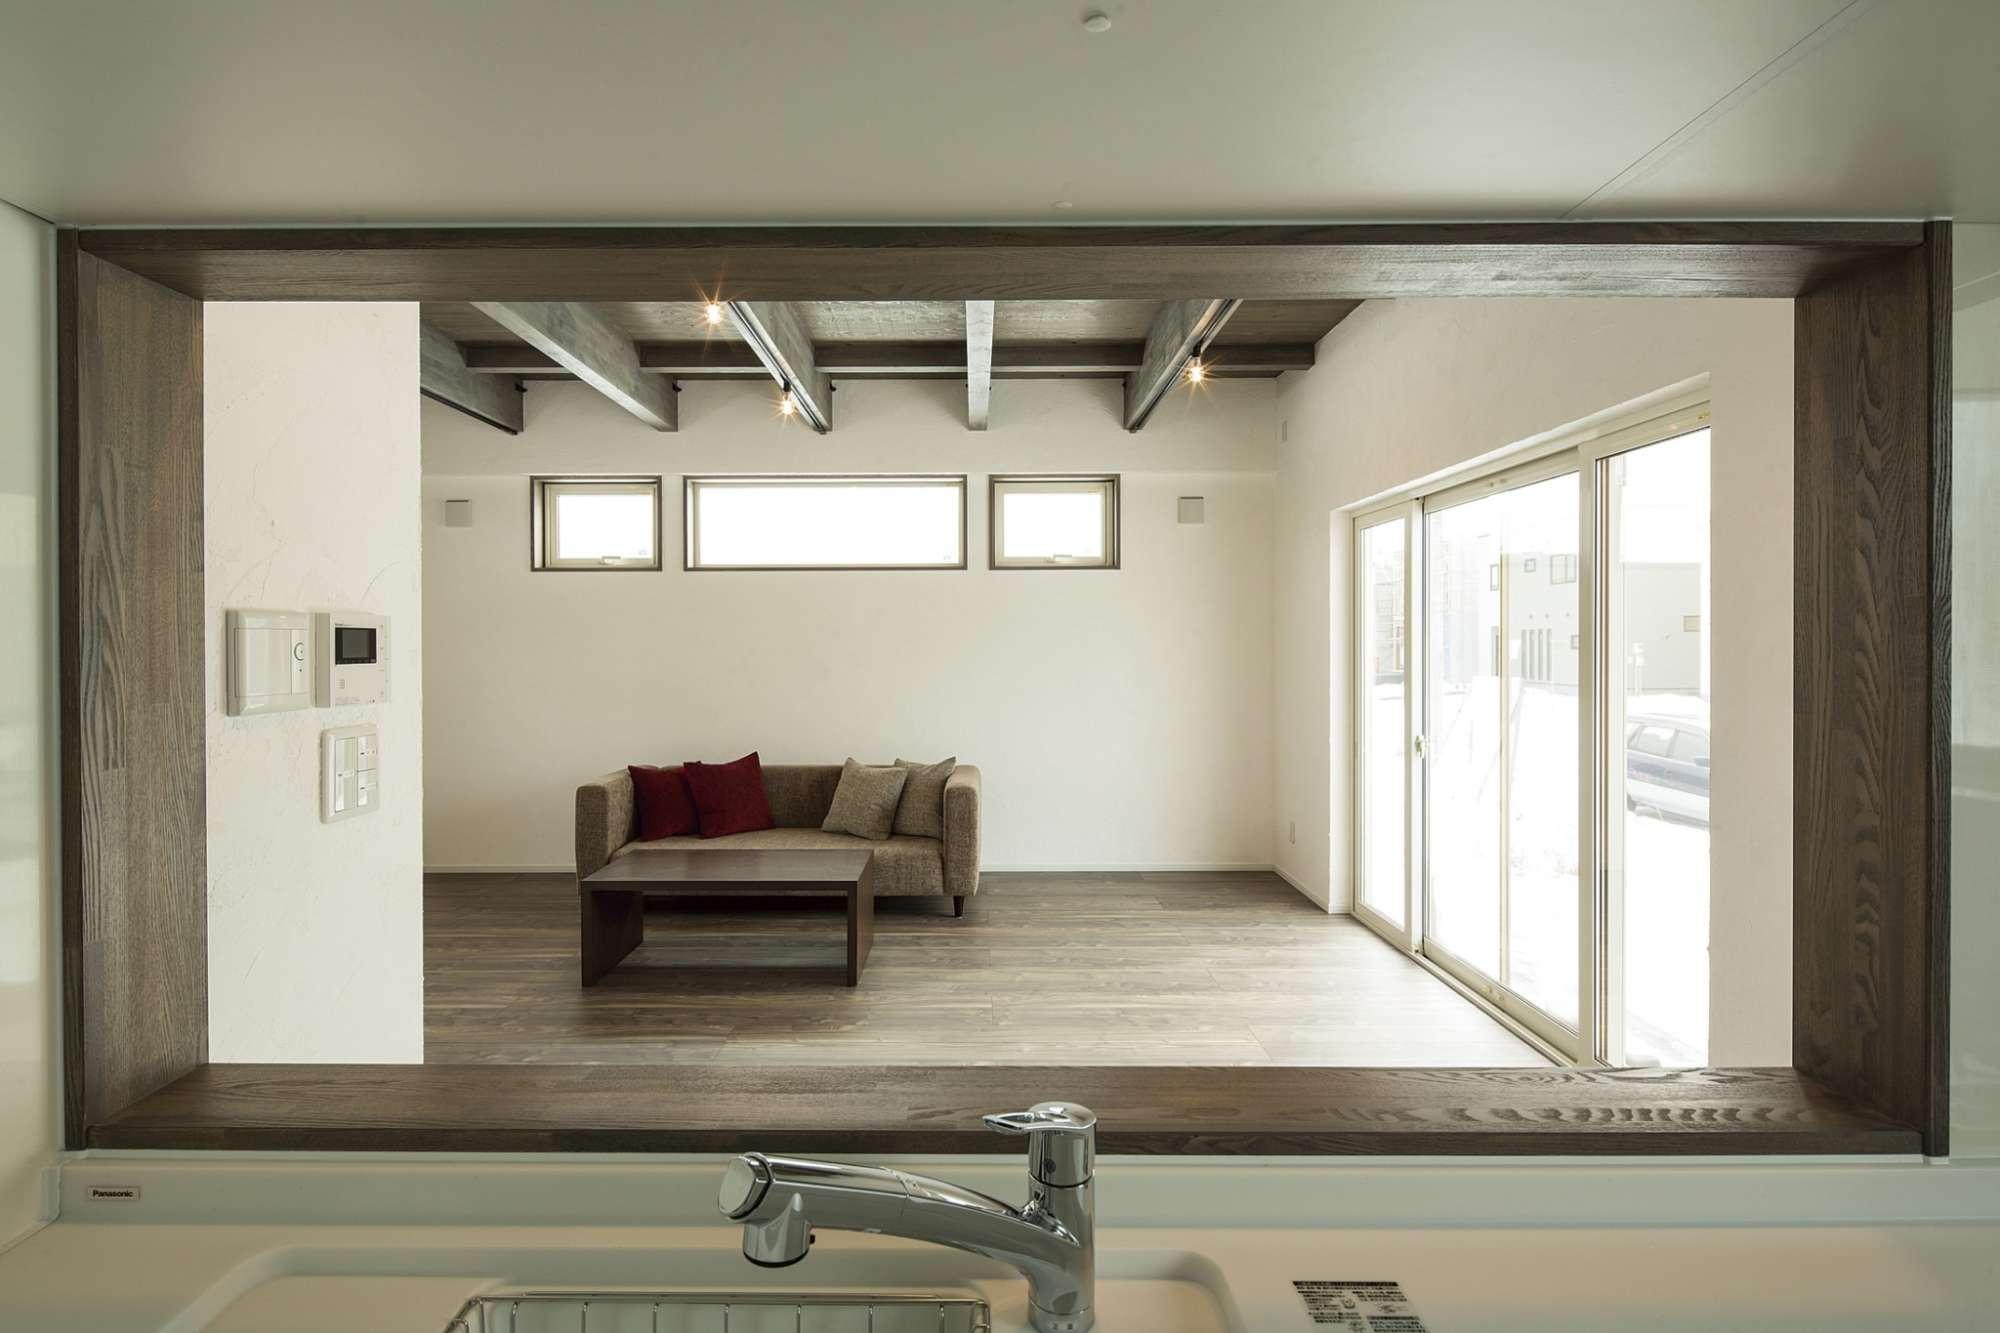 家族の様子が見渡せるキッチンの窓は、木枠が温もりを演出 -  -  -